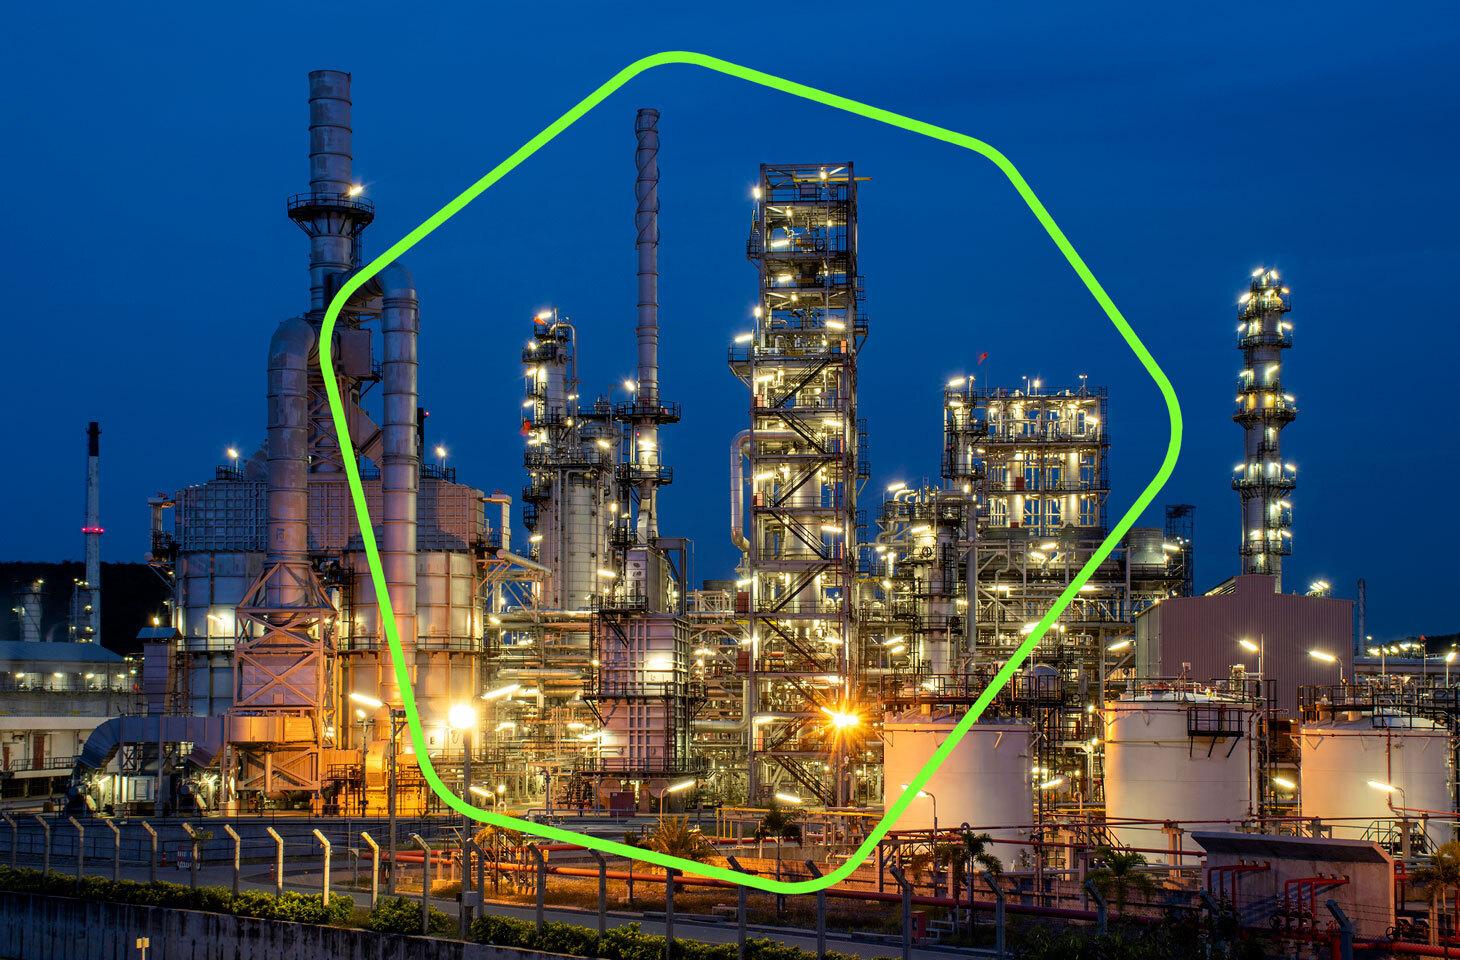 Crecen las amenazas a los sistemas de control industrial en la segunda mitad de 2020